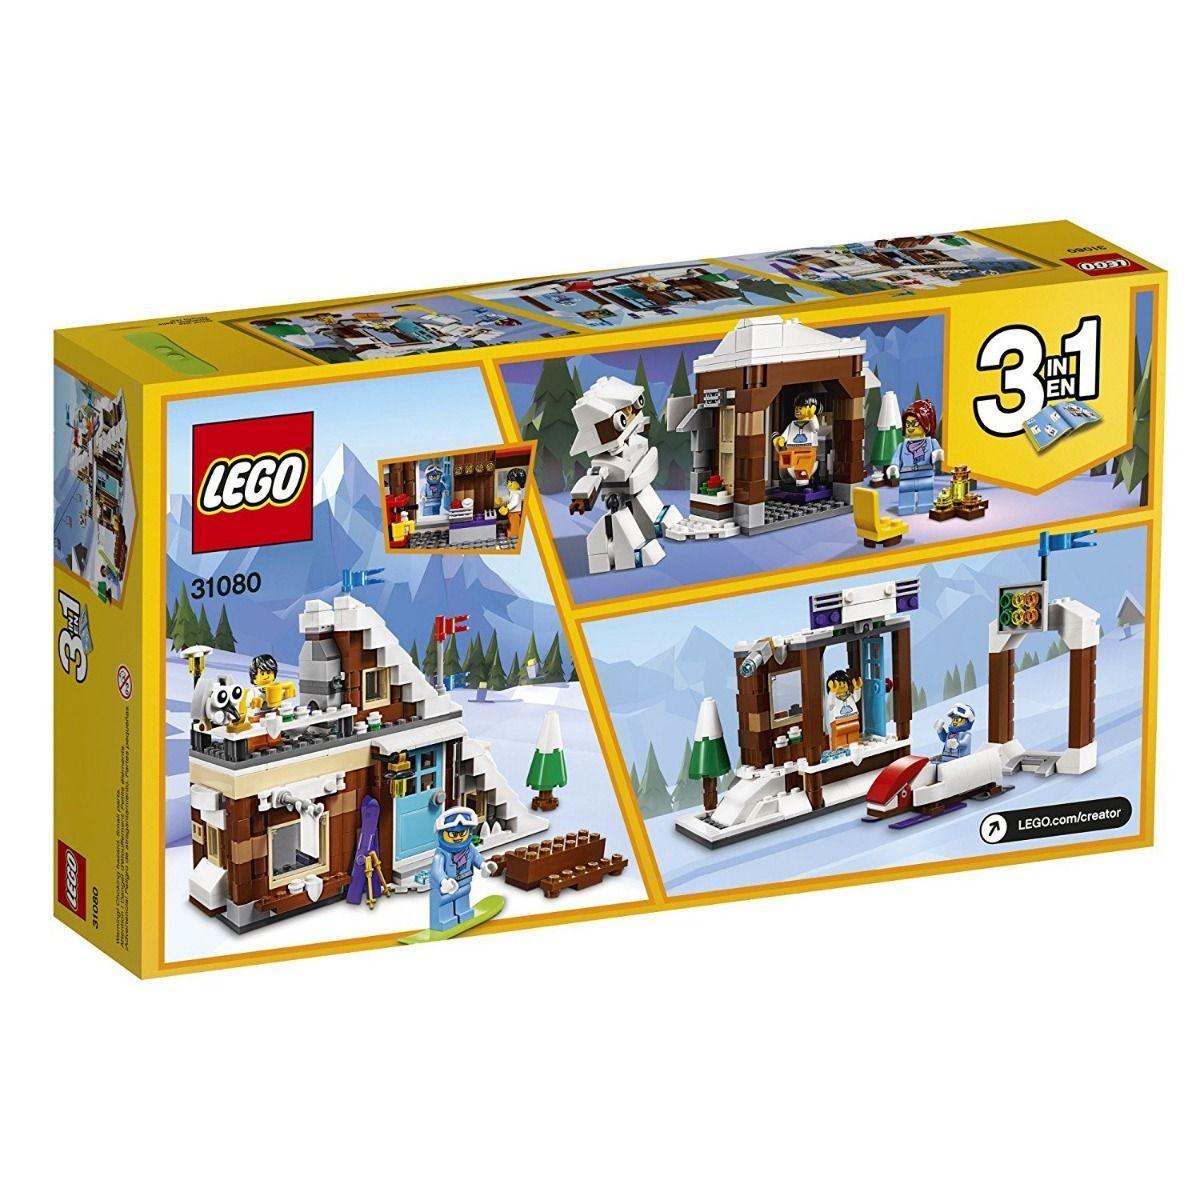 Lego 31080 Creator 3 em 1 Casa Modular de Férias de Inverno -374 peças  - Doce Diversão